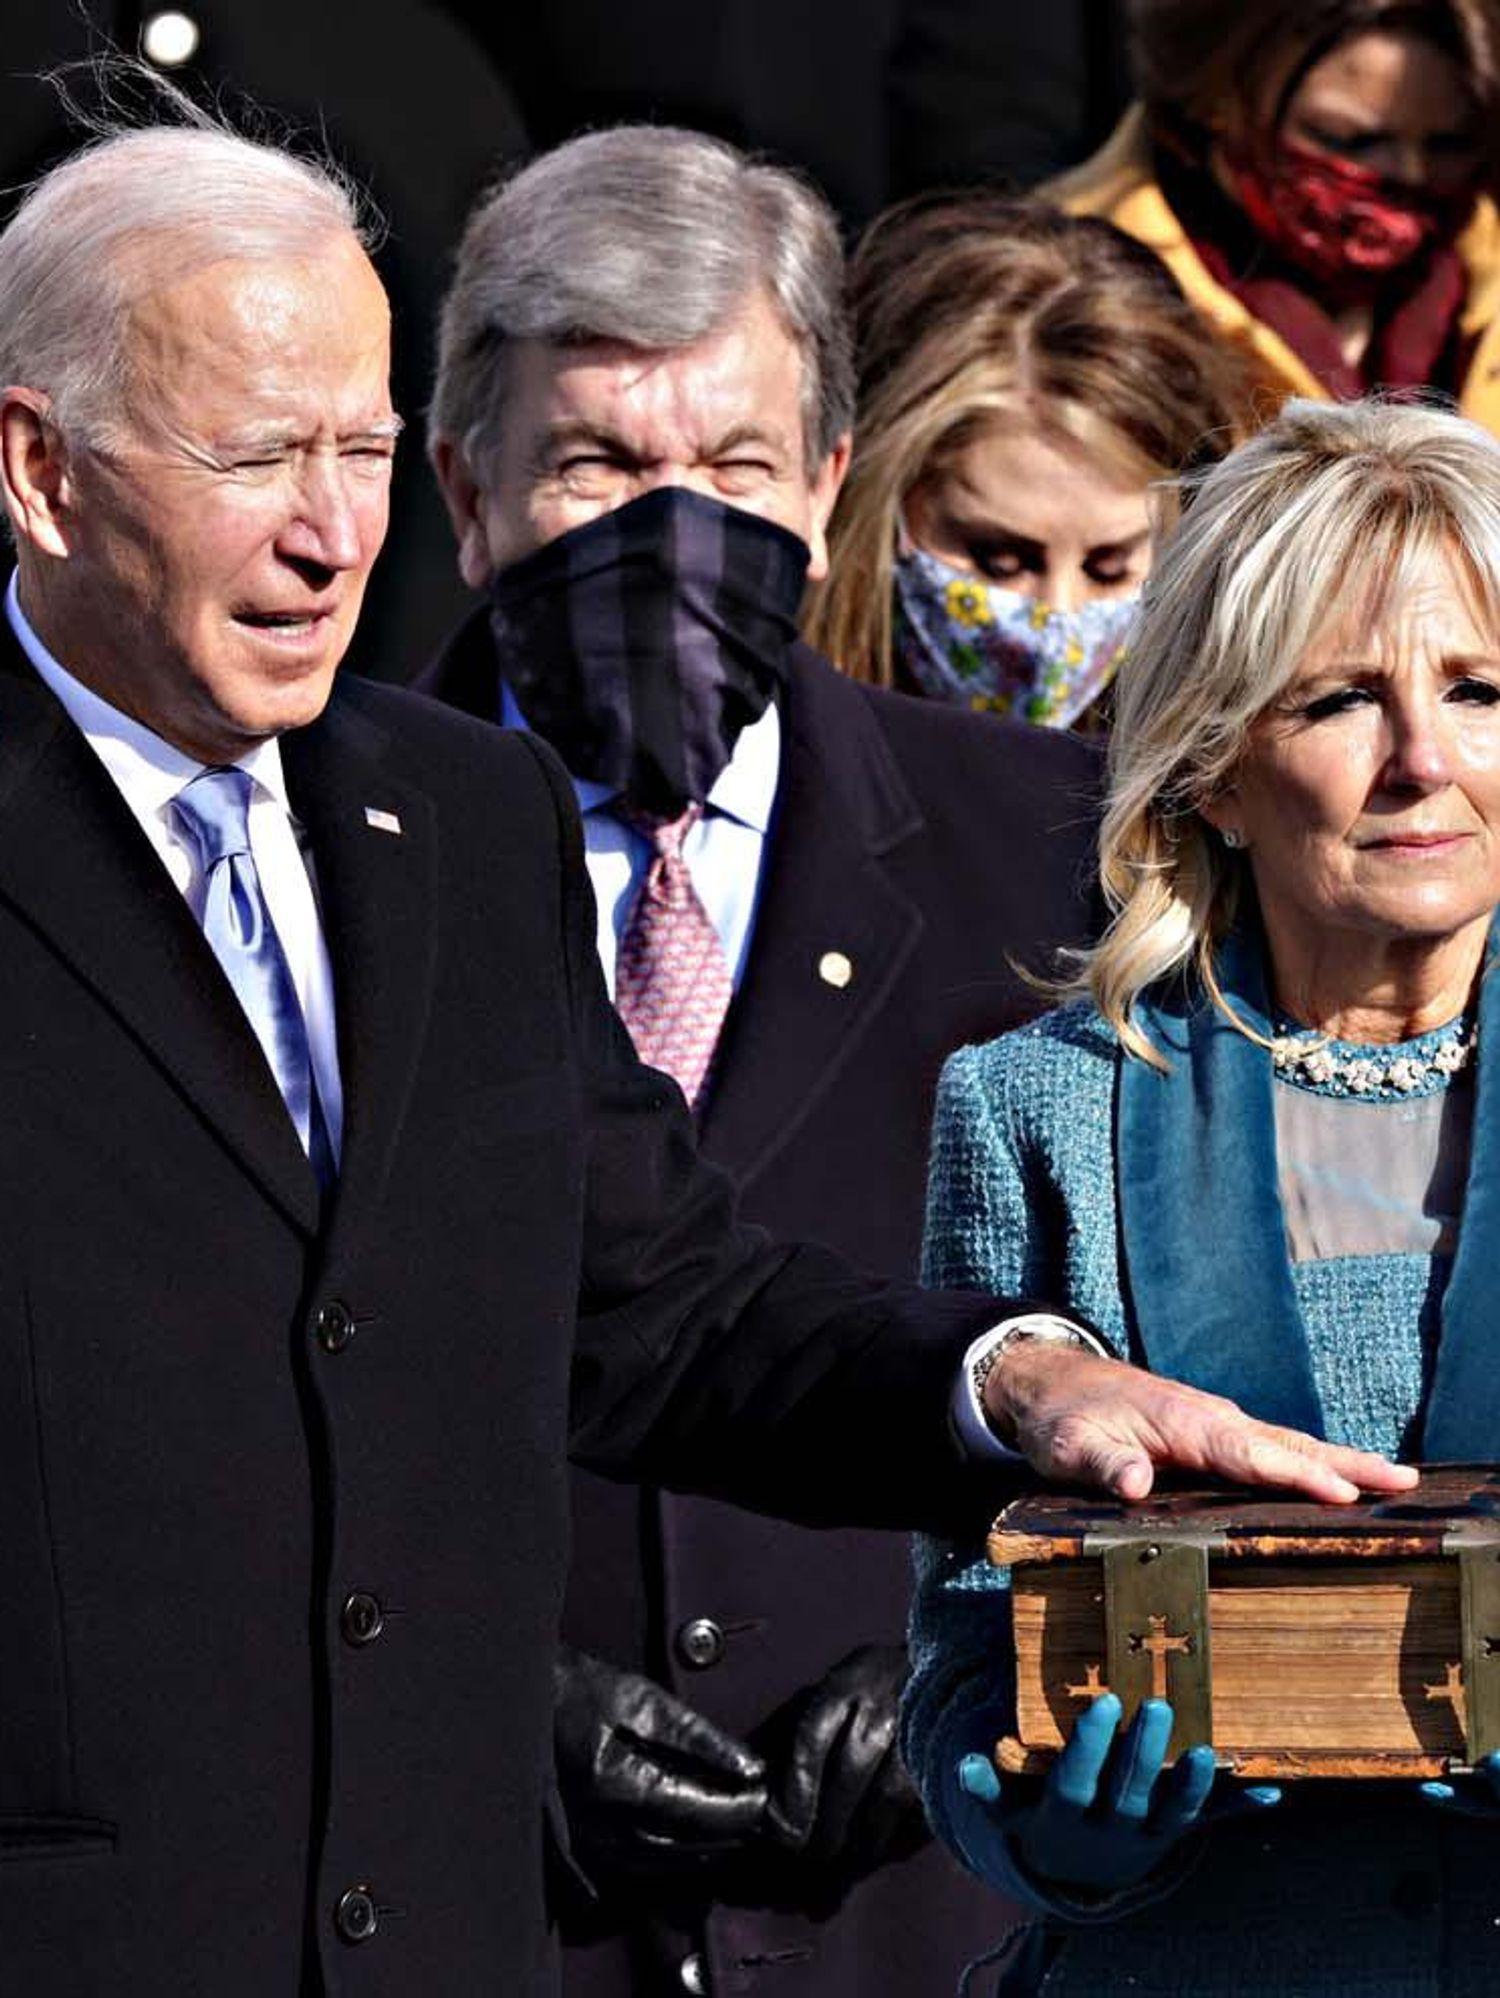 Biden smantellerà i provvedimenti di Trump su clima e immigrazione